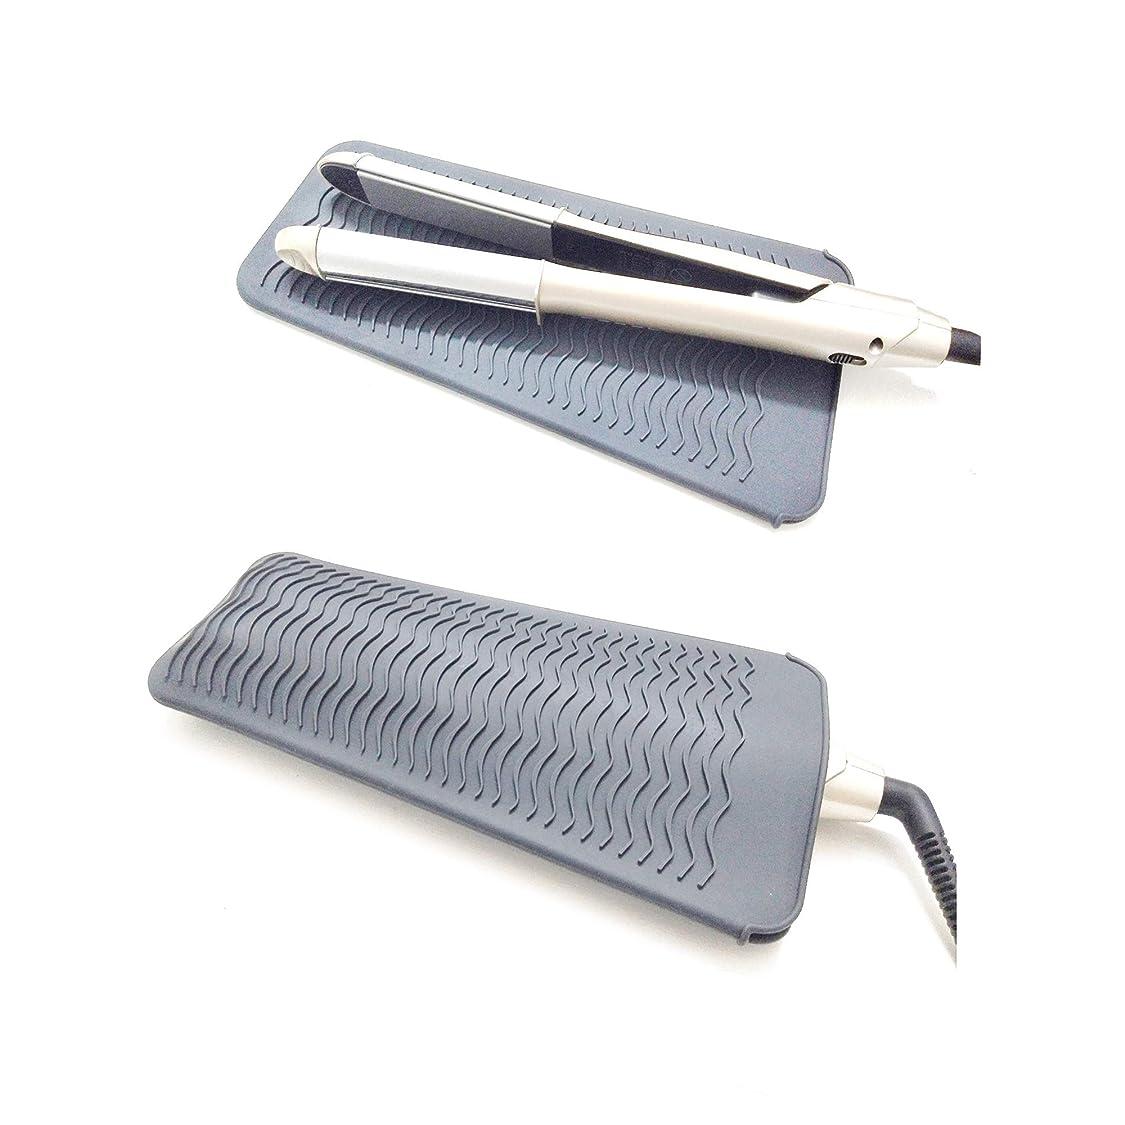 プレゼンター検体音声学ヘアアイロン耐熱ポーチ 滑り止めマット 2way 260℃の高温も耐熱しやけど防止 旅行出張など携帯に便利 グレー